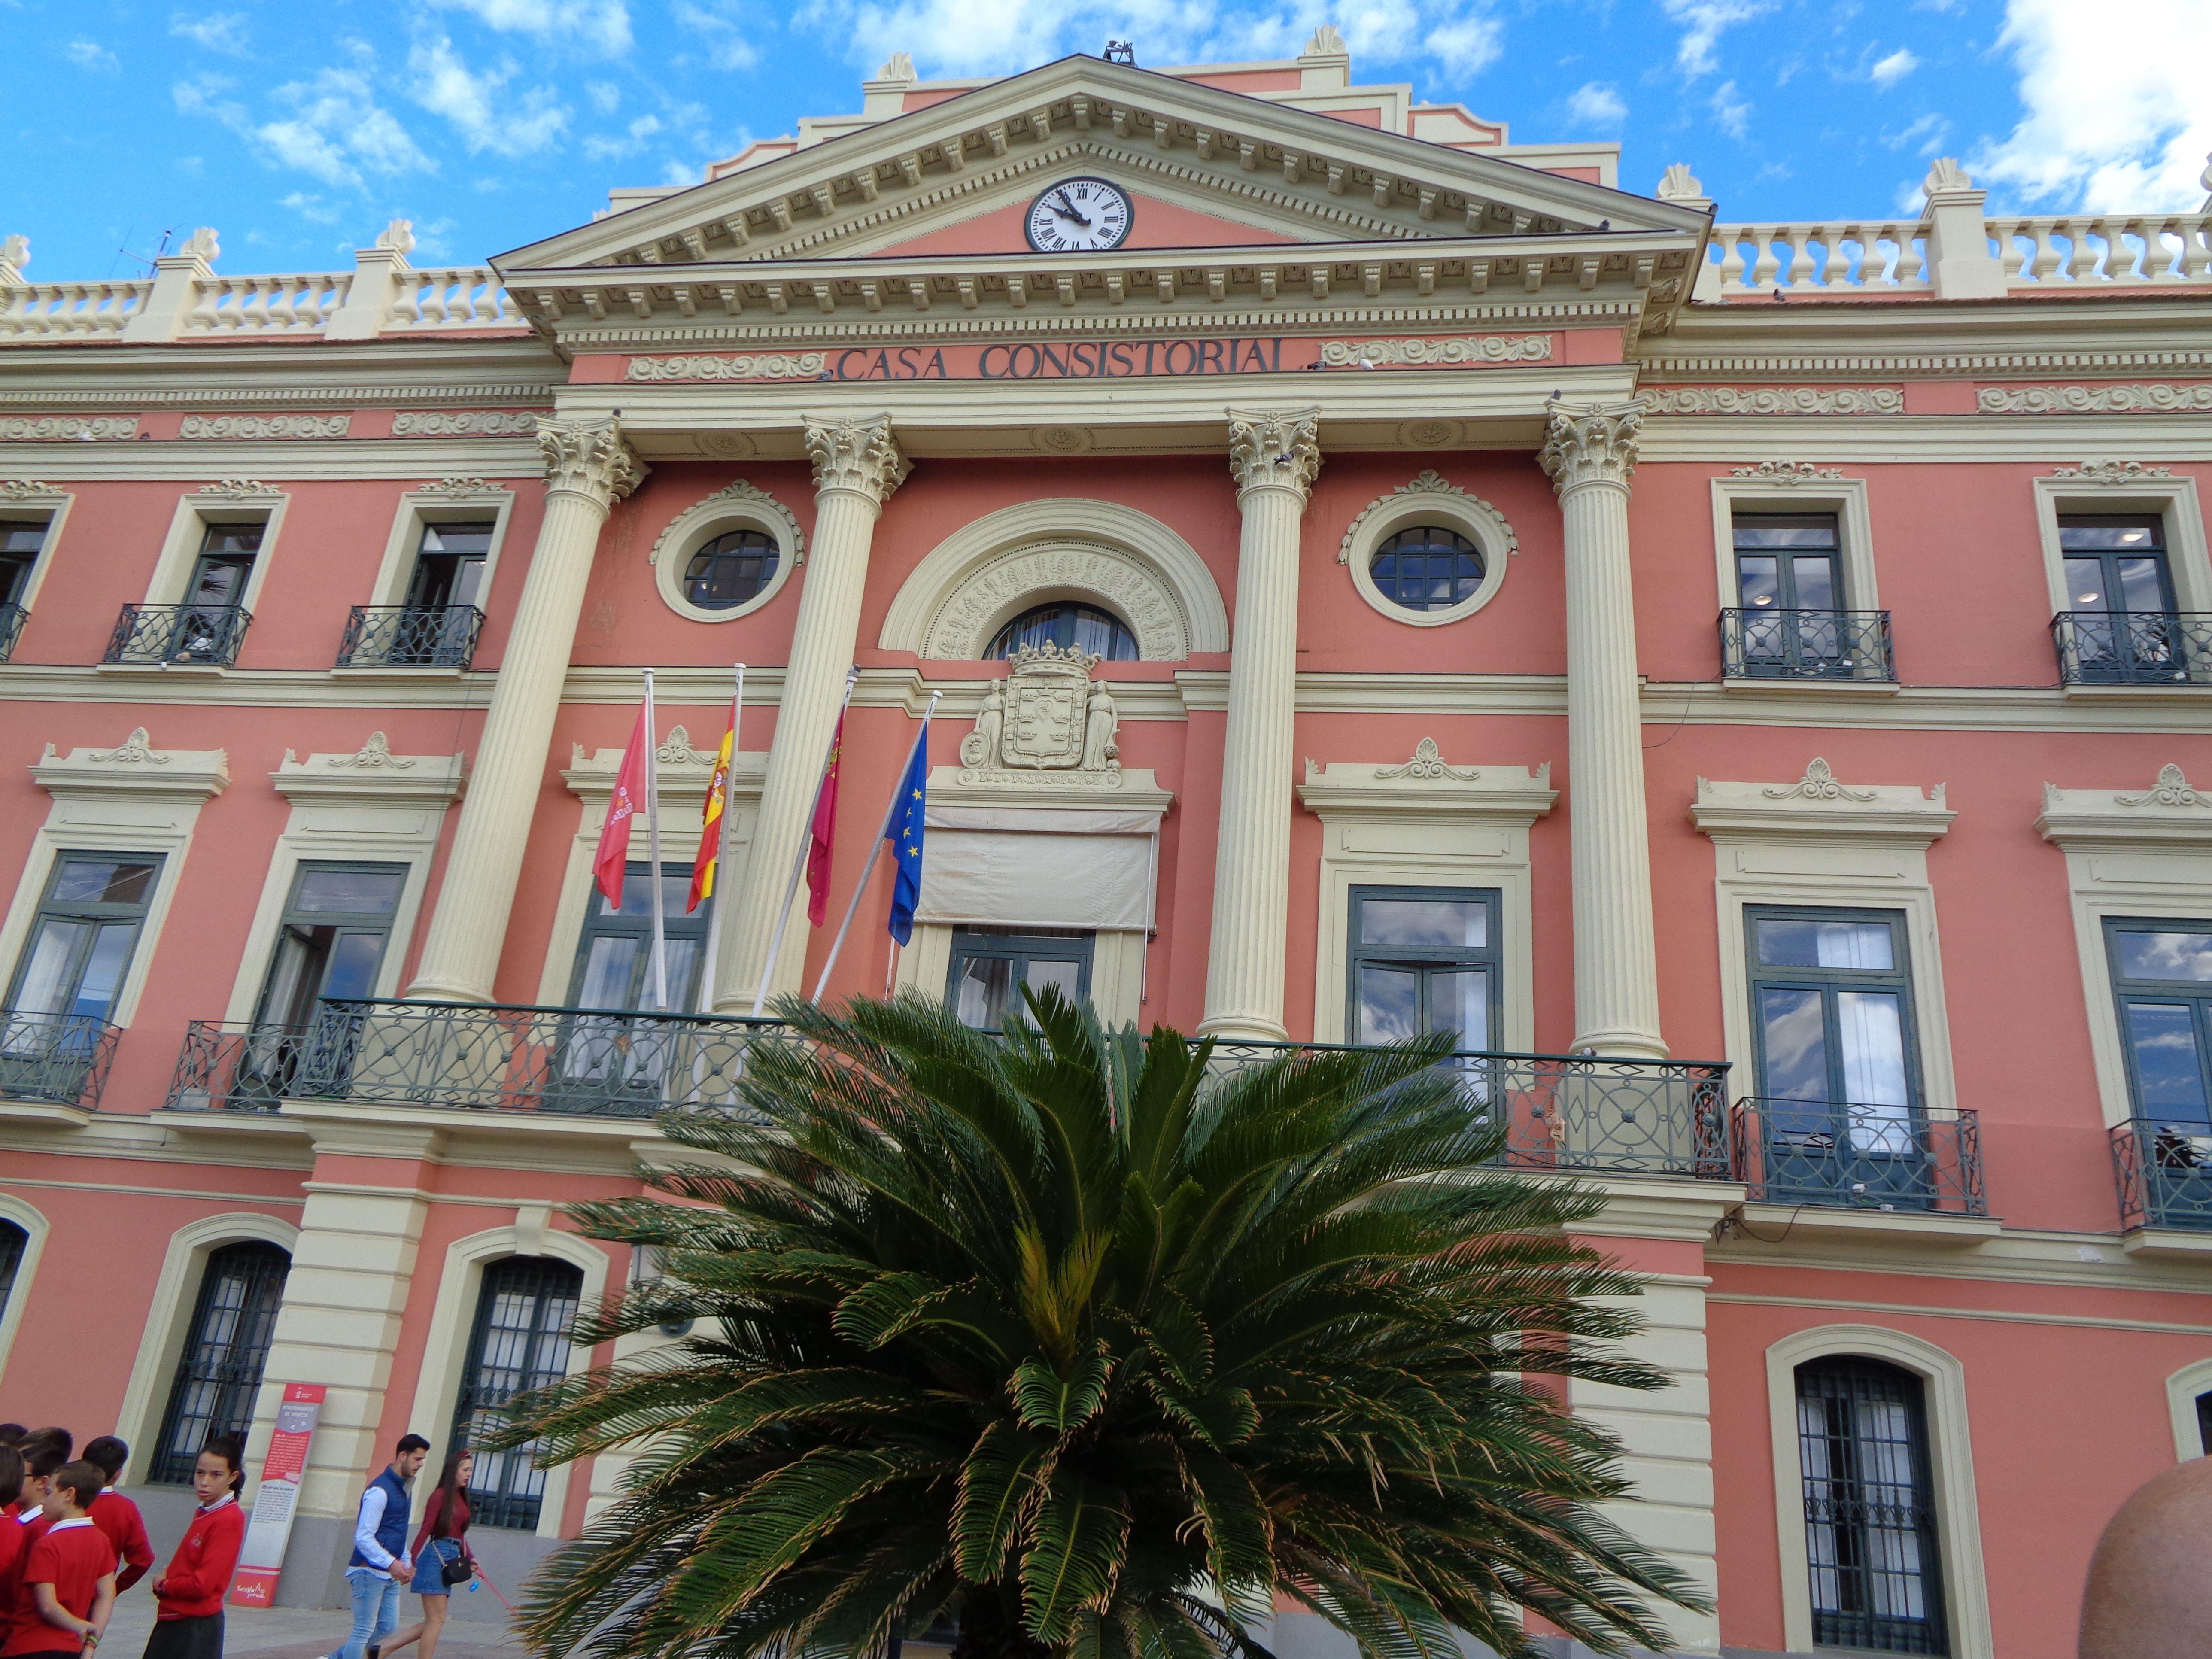 La Casa Consistorial de Murcia. Casa consistorial, Murcia